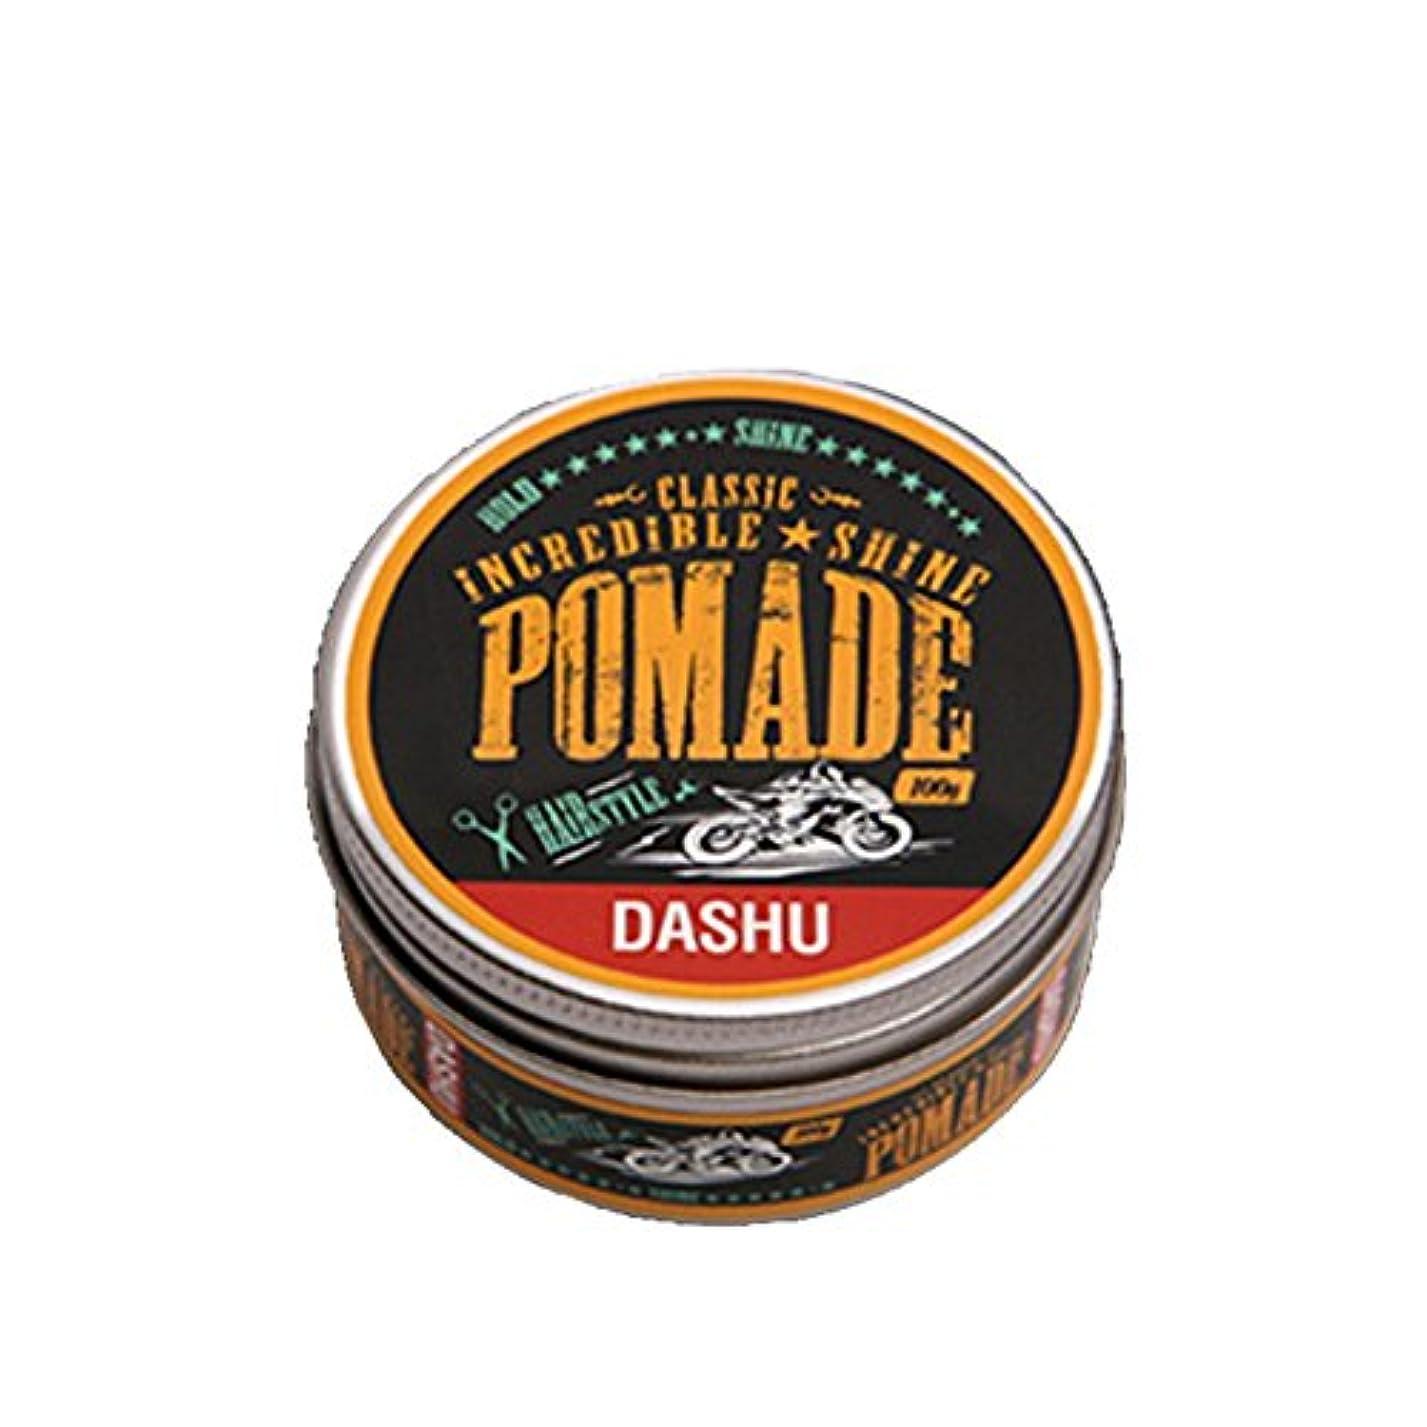 吐く考案する面倒[DASHU] ダシュ クラシック 信じられないほどの輝き ポマードワックス Classic Incredible Shine Pomade Hair Wax 100ml / 韓国製 . 韓国直送品